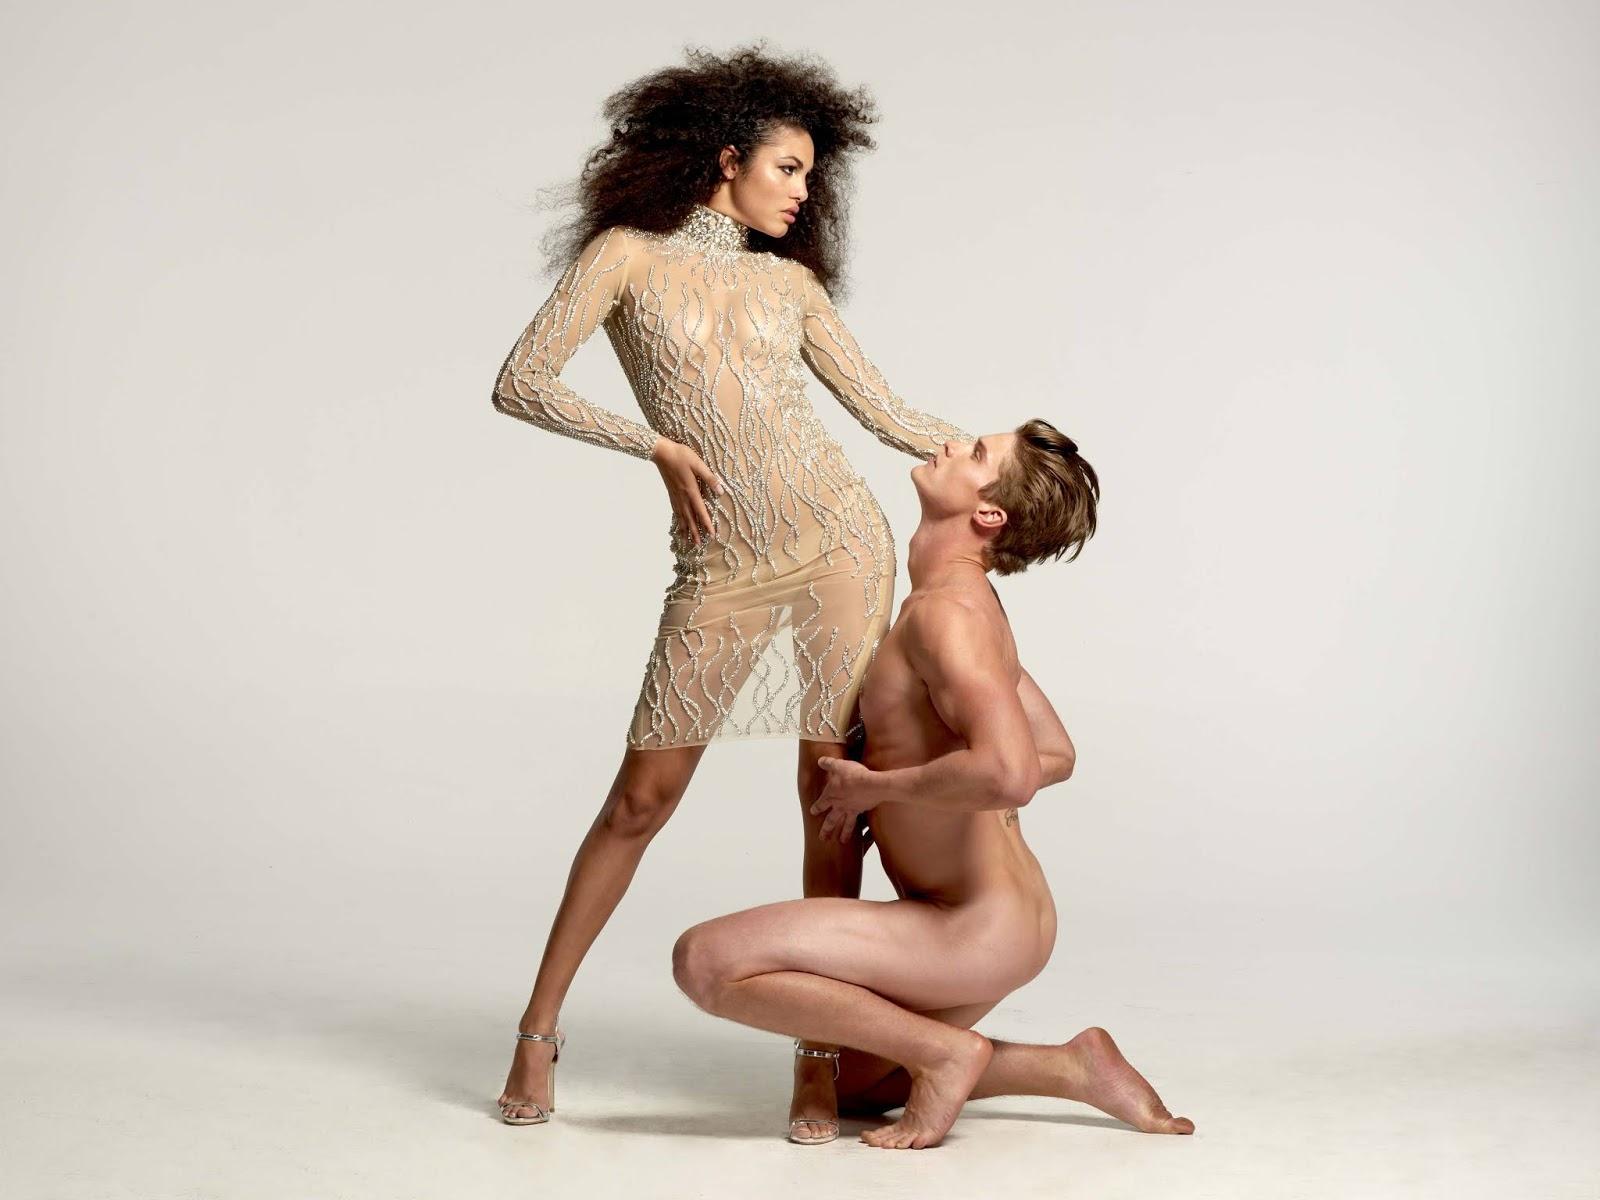 Fit Hungarian Nude Erotic Model